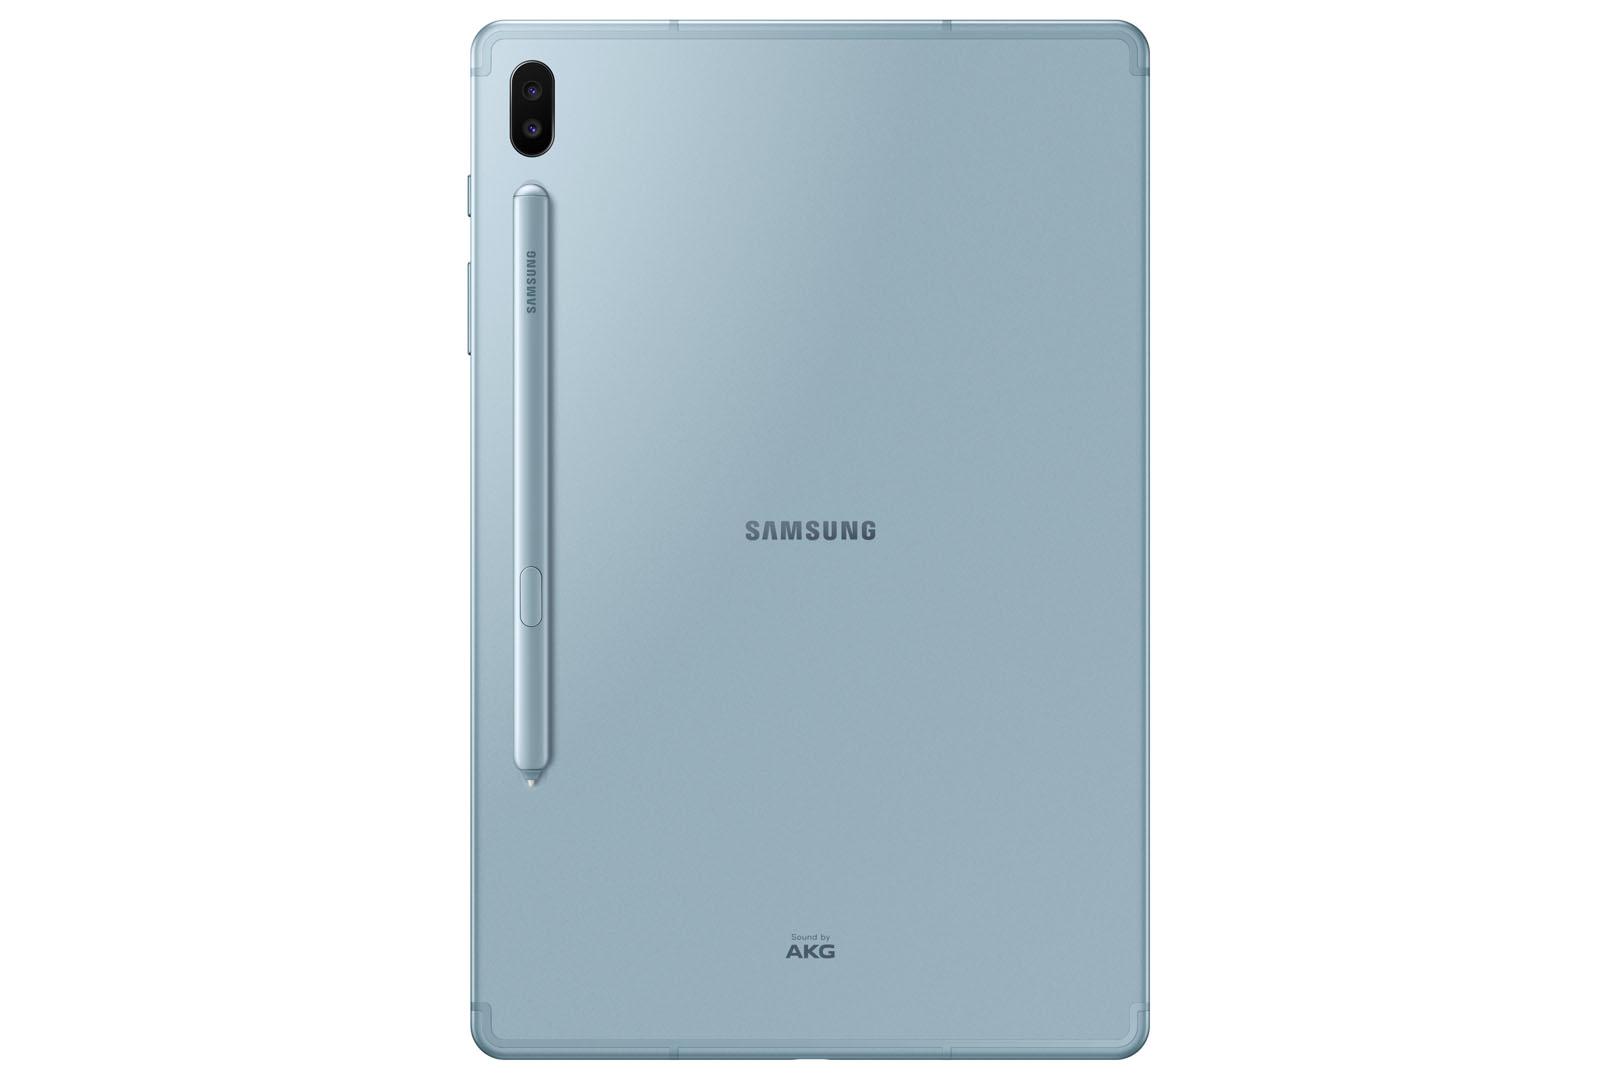 Samsung Galaxy Tab S6 ufficiale: specifiche tecniche e novità 1